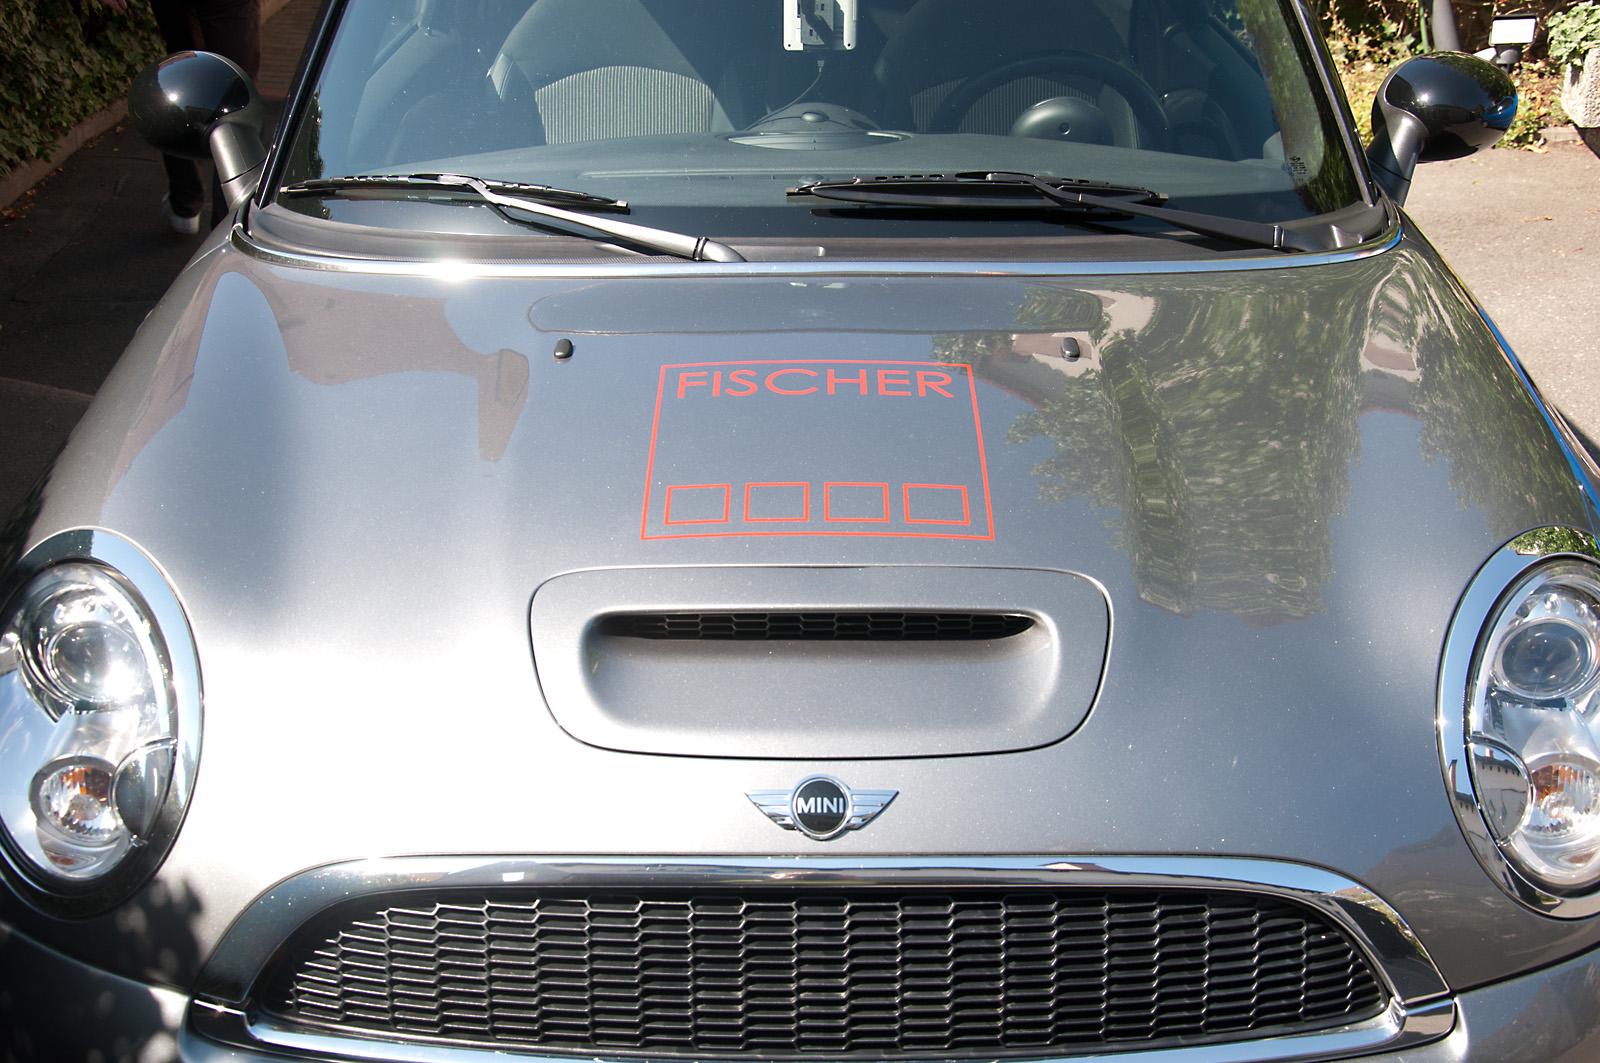 Minimalisitsche Fahrzeugbeklebung für die Fischer Planen und Bauen GmbH - die Konturen des Logos in Rot auf der Kühlerhaube eines Minis.